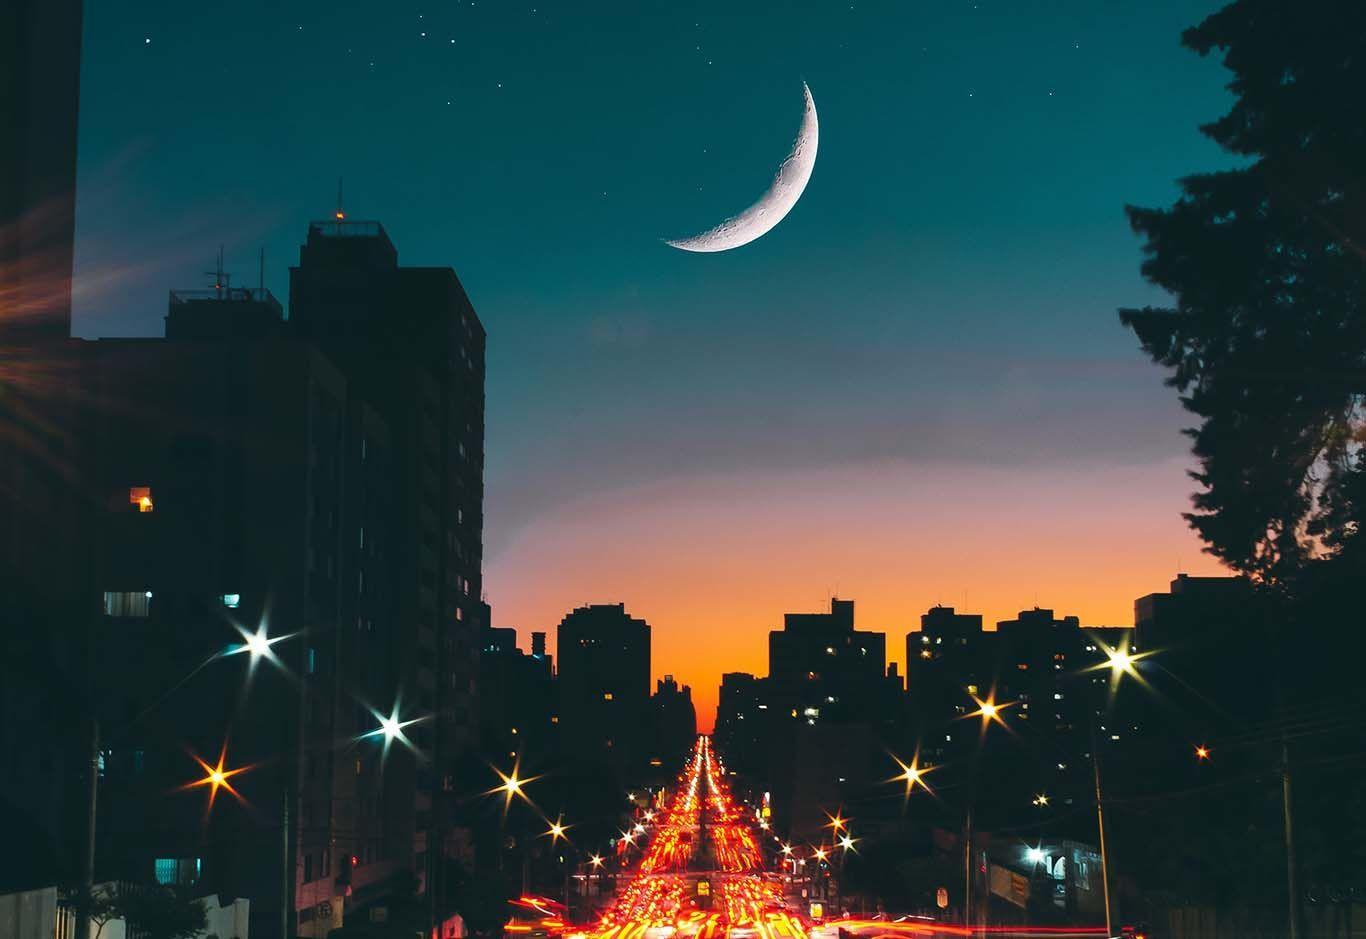 Arti dan Tanda Malam Lailatul Qadr